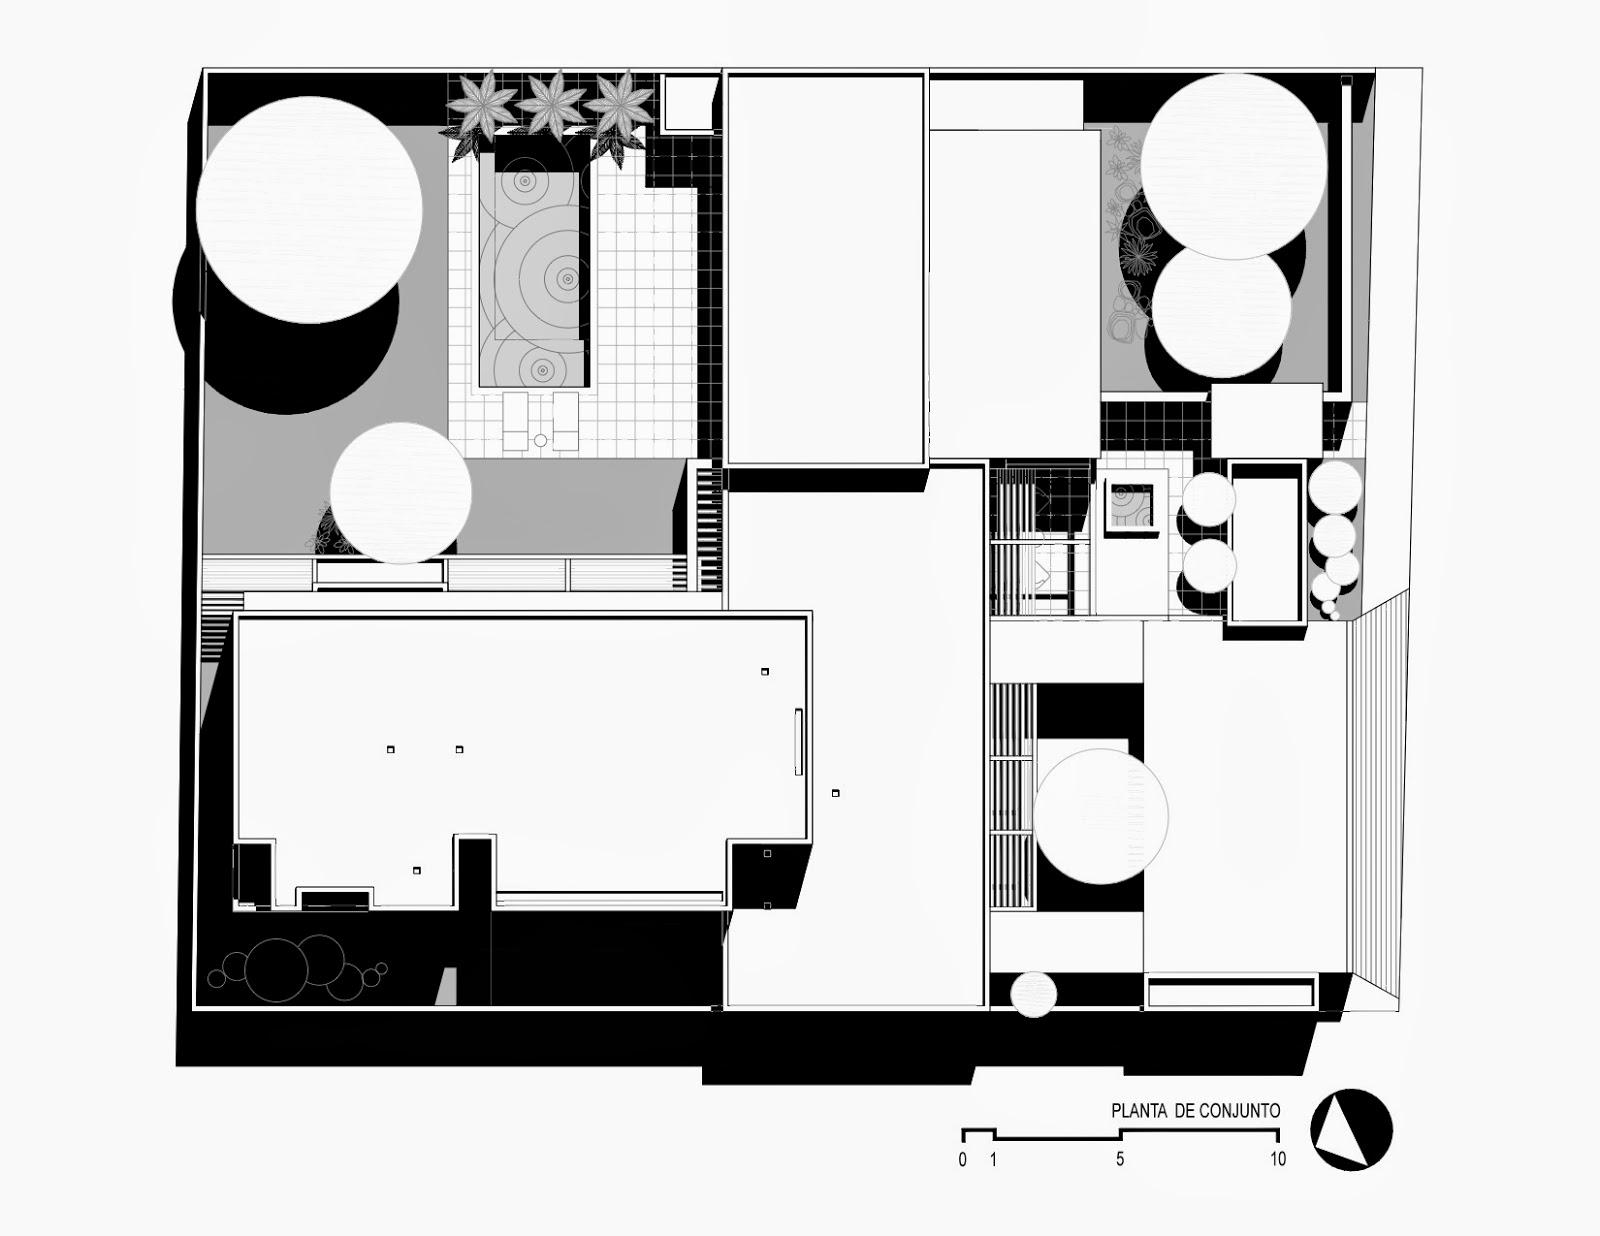 Apuntes revista digital de arquitectura proyecto casa for Que es una planta arquitectonica